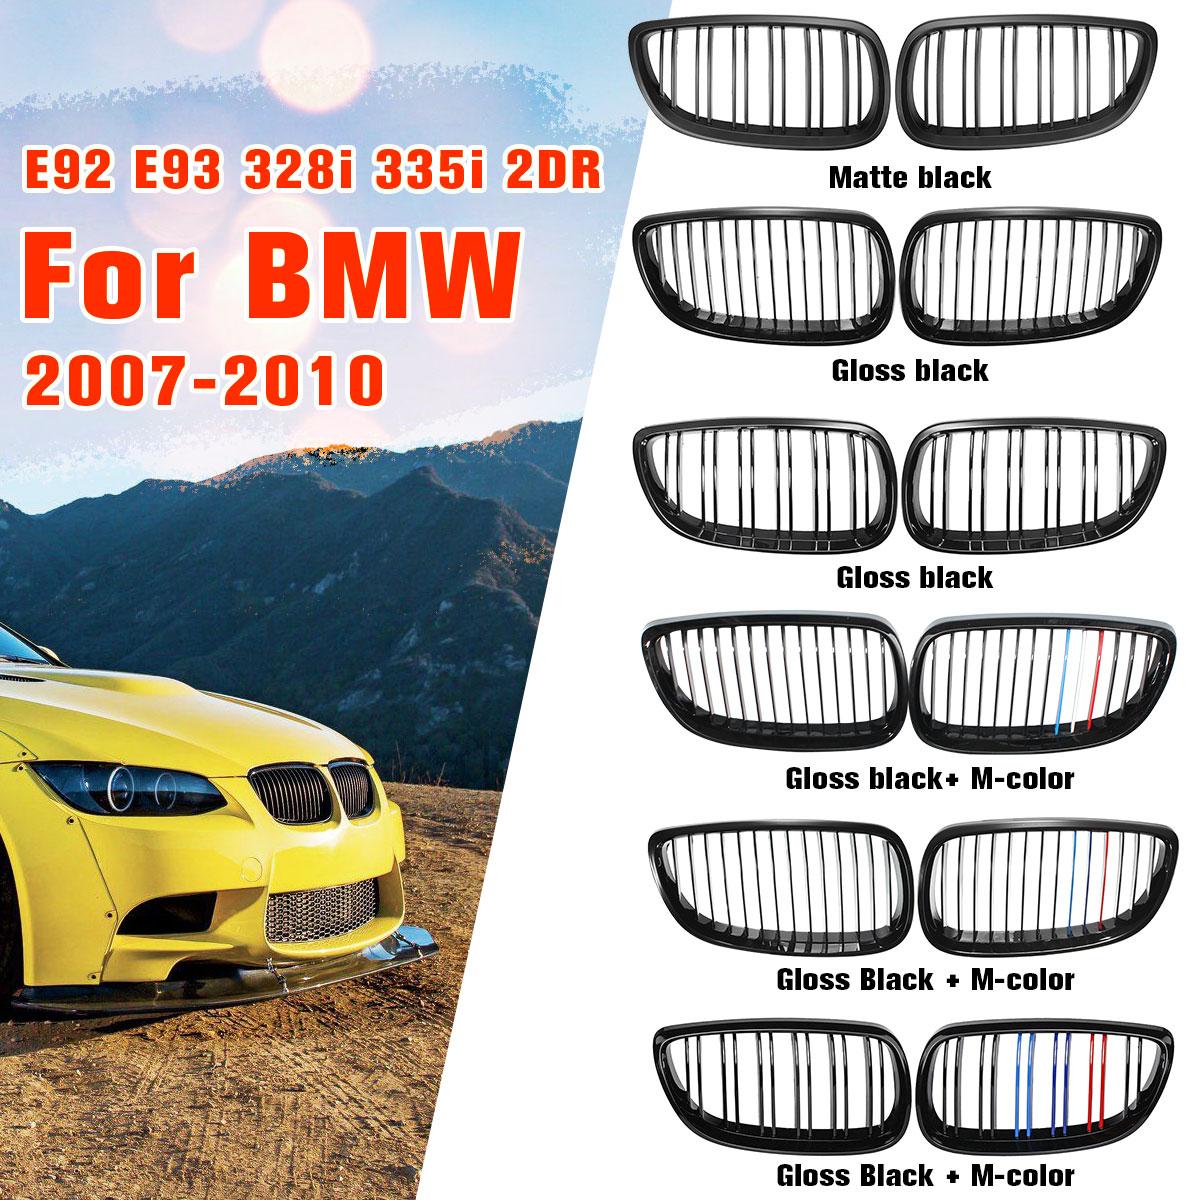 Brilho Fosco Preto M-cor Dupla Linha de Grade Dianteira Grill Rim Para BMW E92 E93 M3 328i 335i 2 porta 2007 2008 2009 2010 Estilo Do Carro